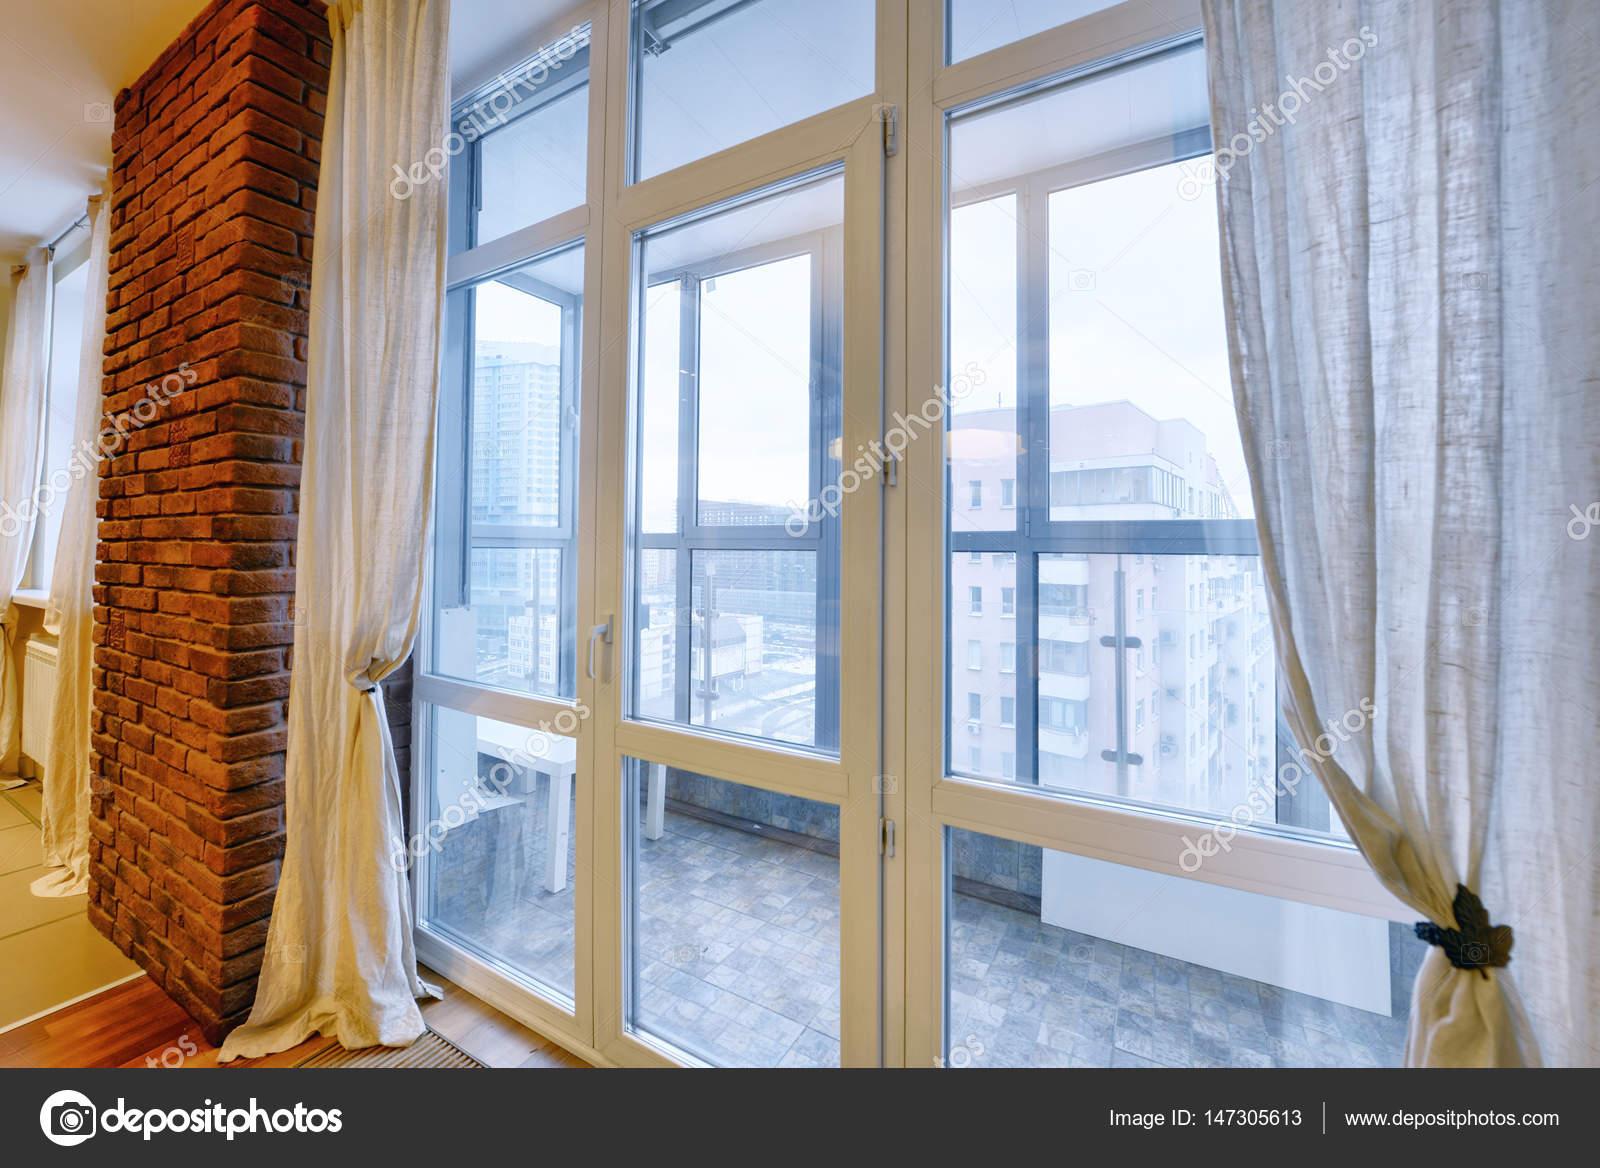 Russland, Moskau - Dekoration Vorhänge in der Küche — Stockfoto ...